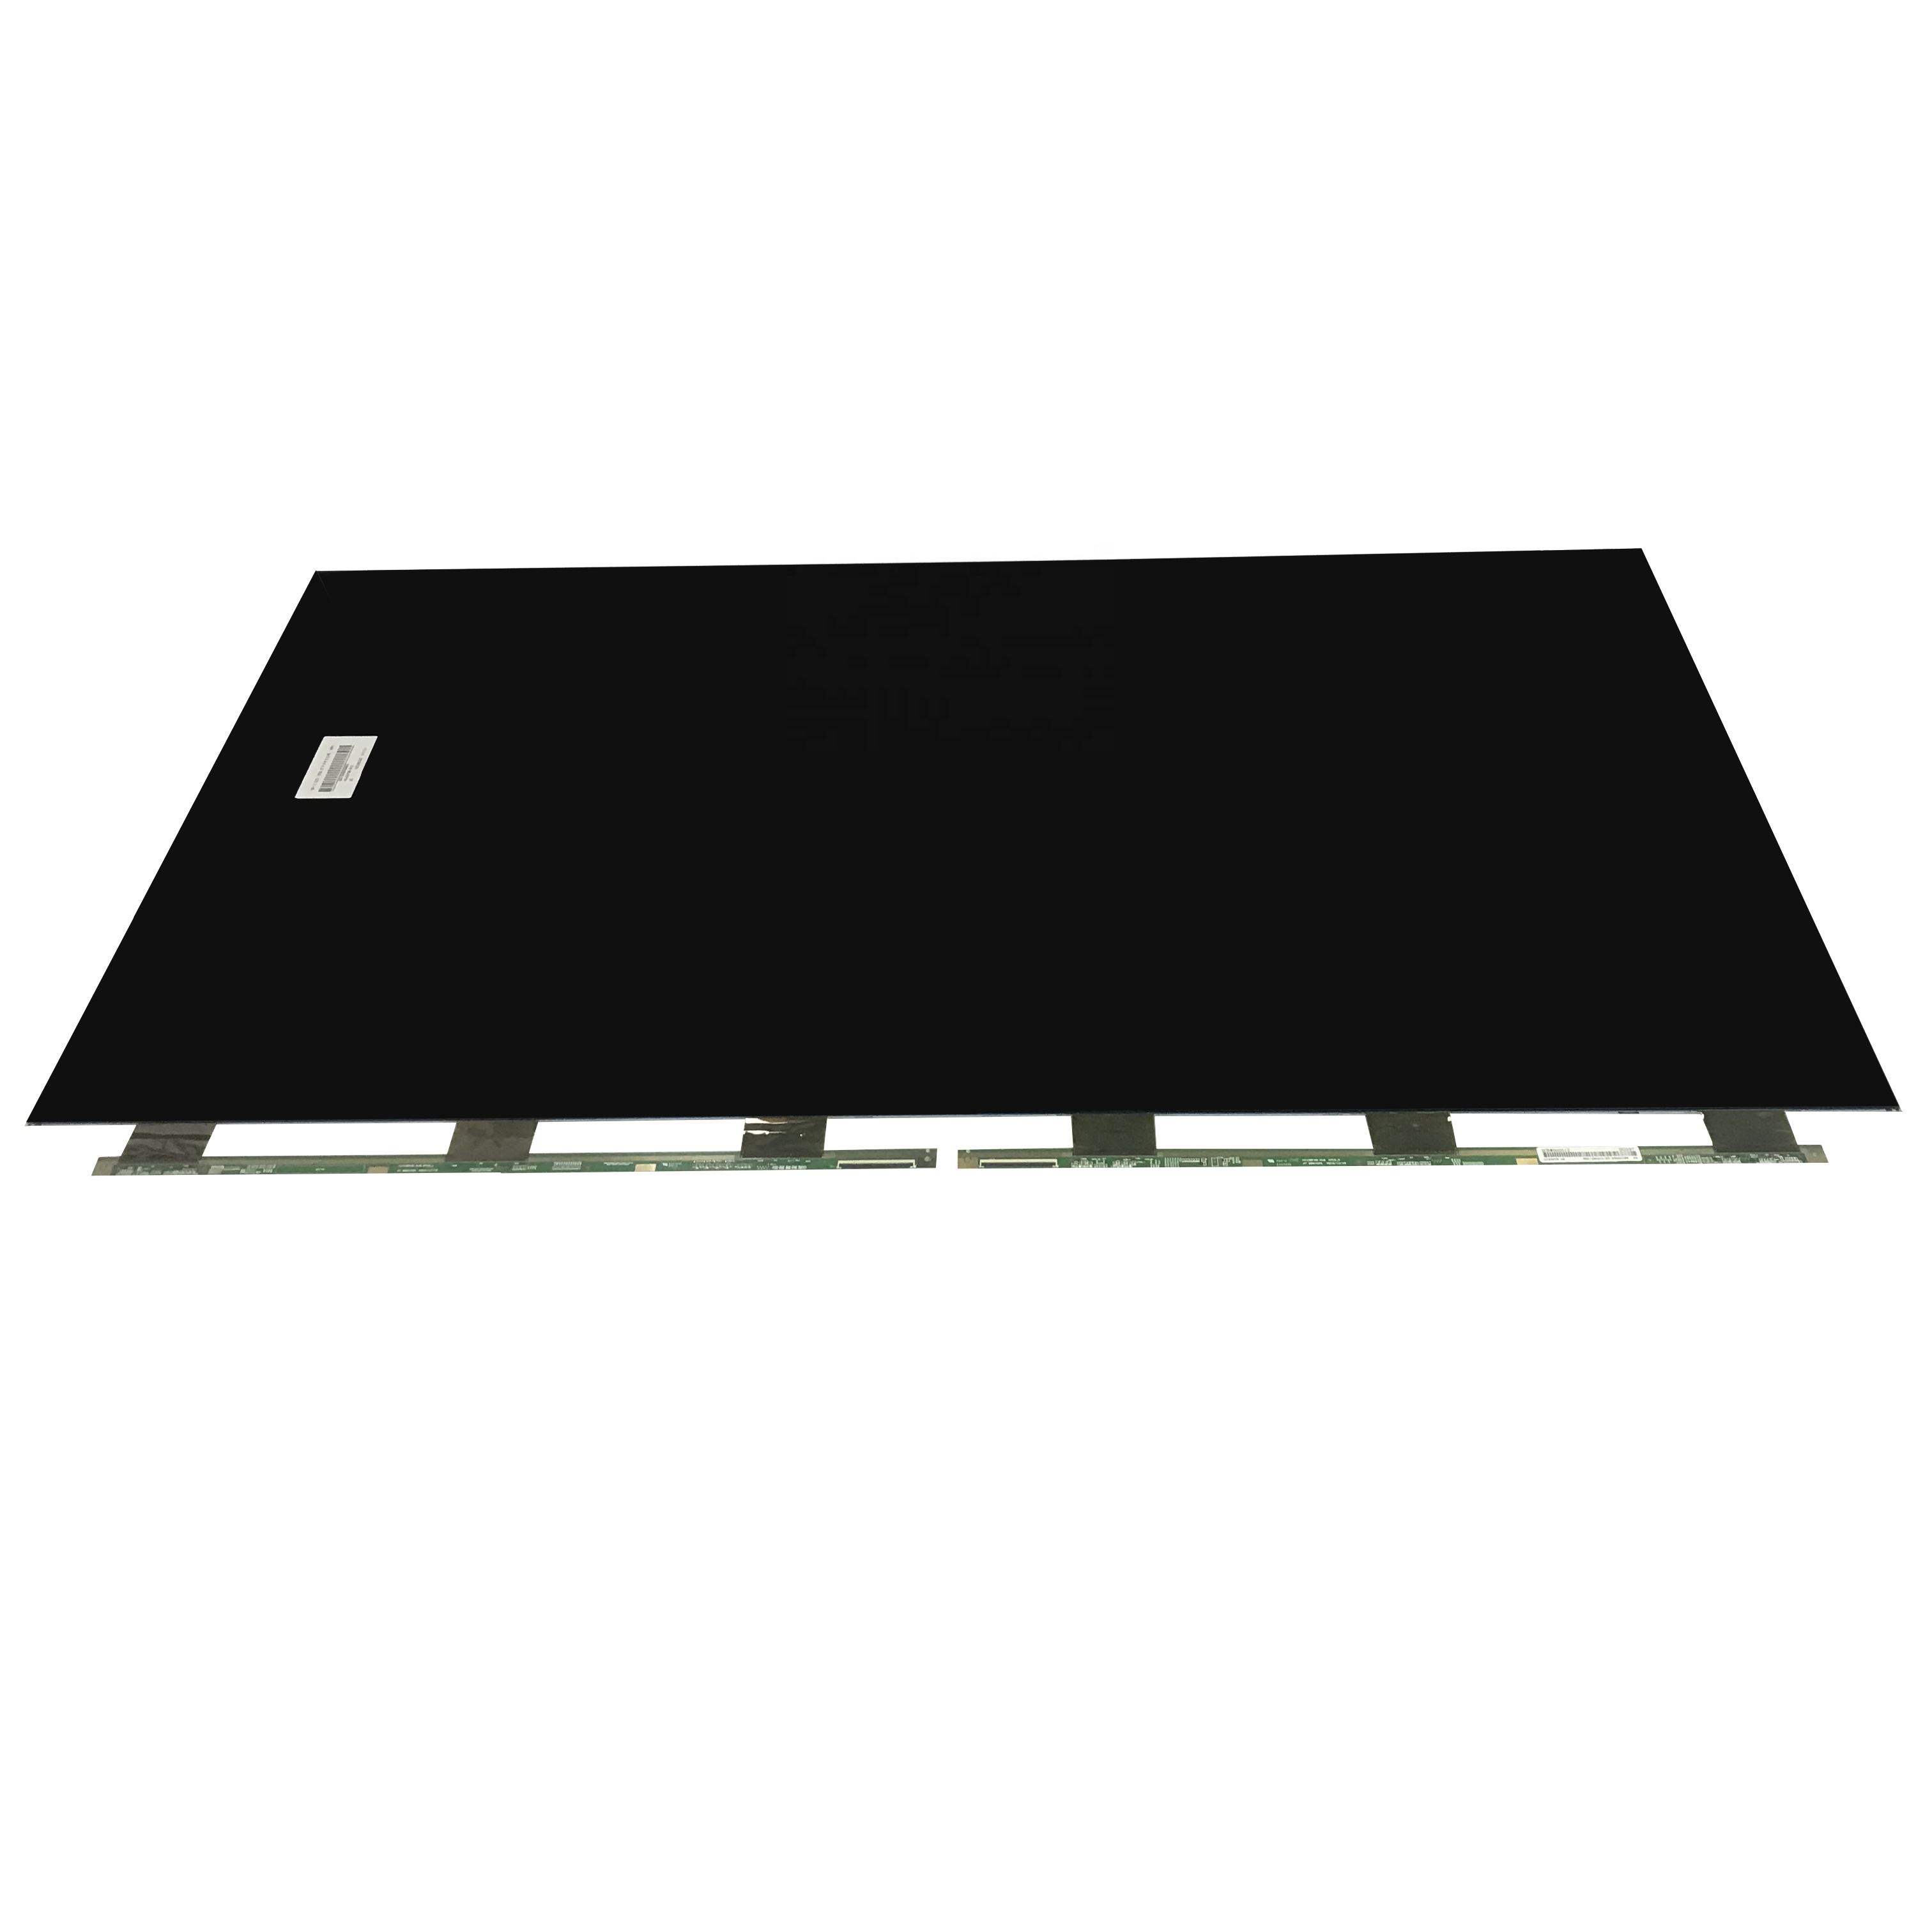 بنك انجلترا 43 بوصة FHD HV430FHB-N40/N4D/N10 جديد TFT/LCD 2 K السائل والزجاج والكريستال 1920*1080 التلفزيون لوحة ، خلية المفتوحة